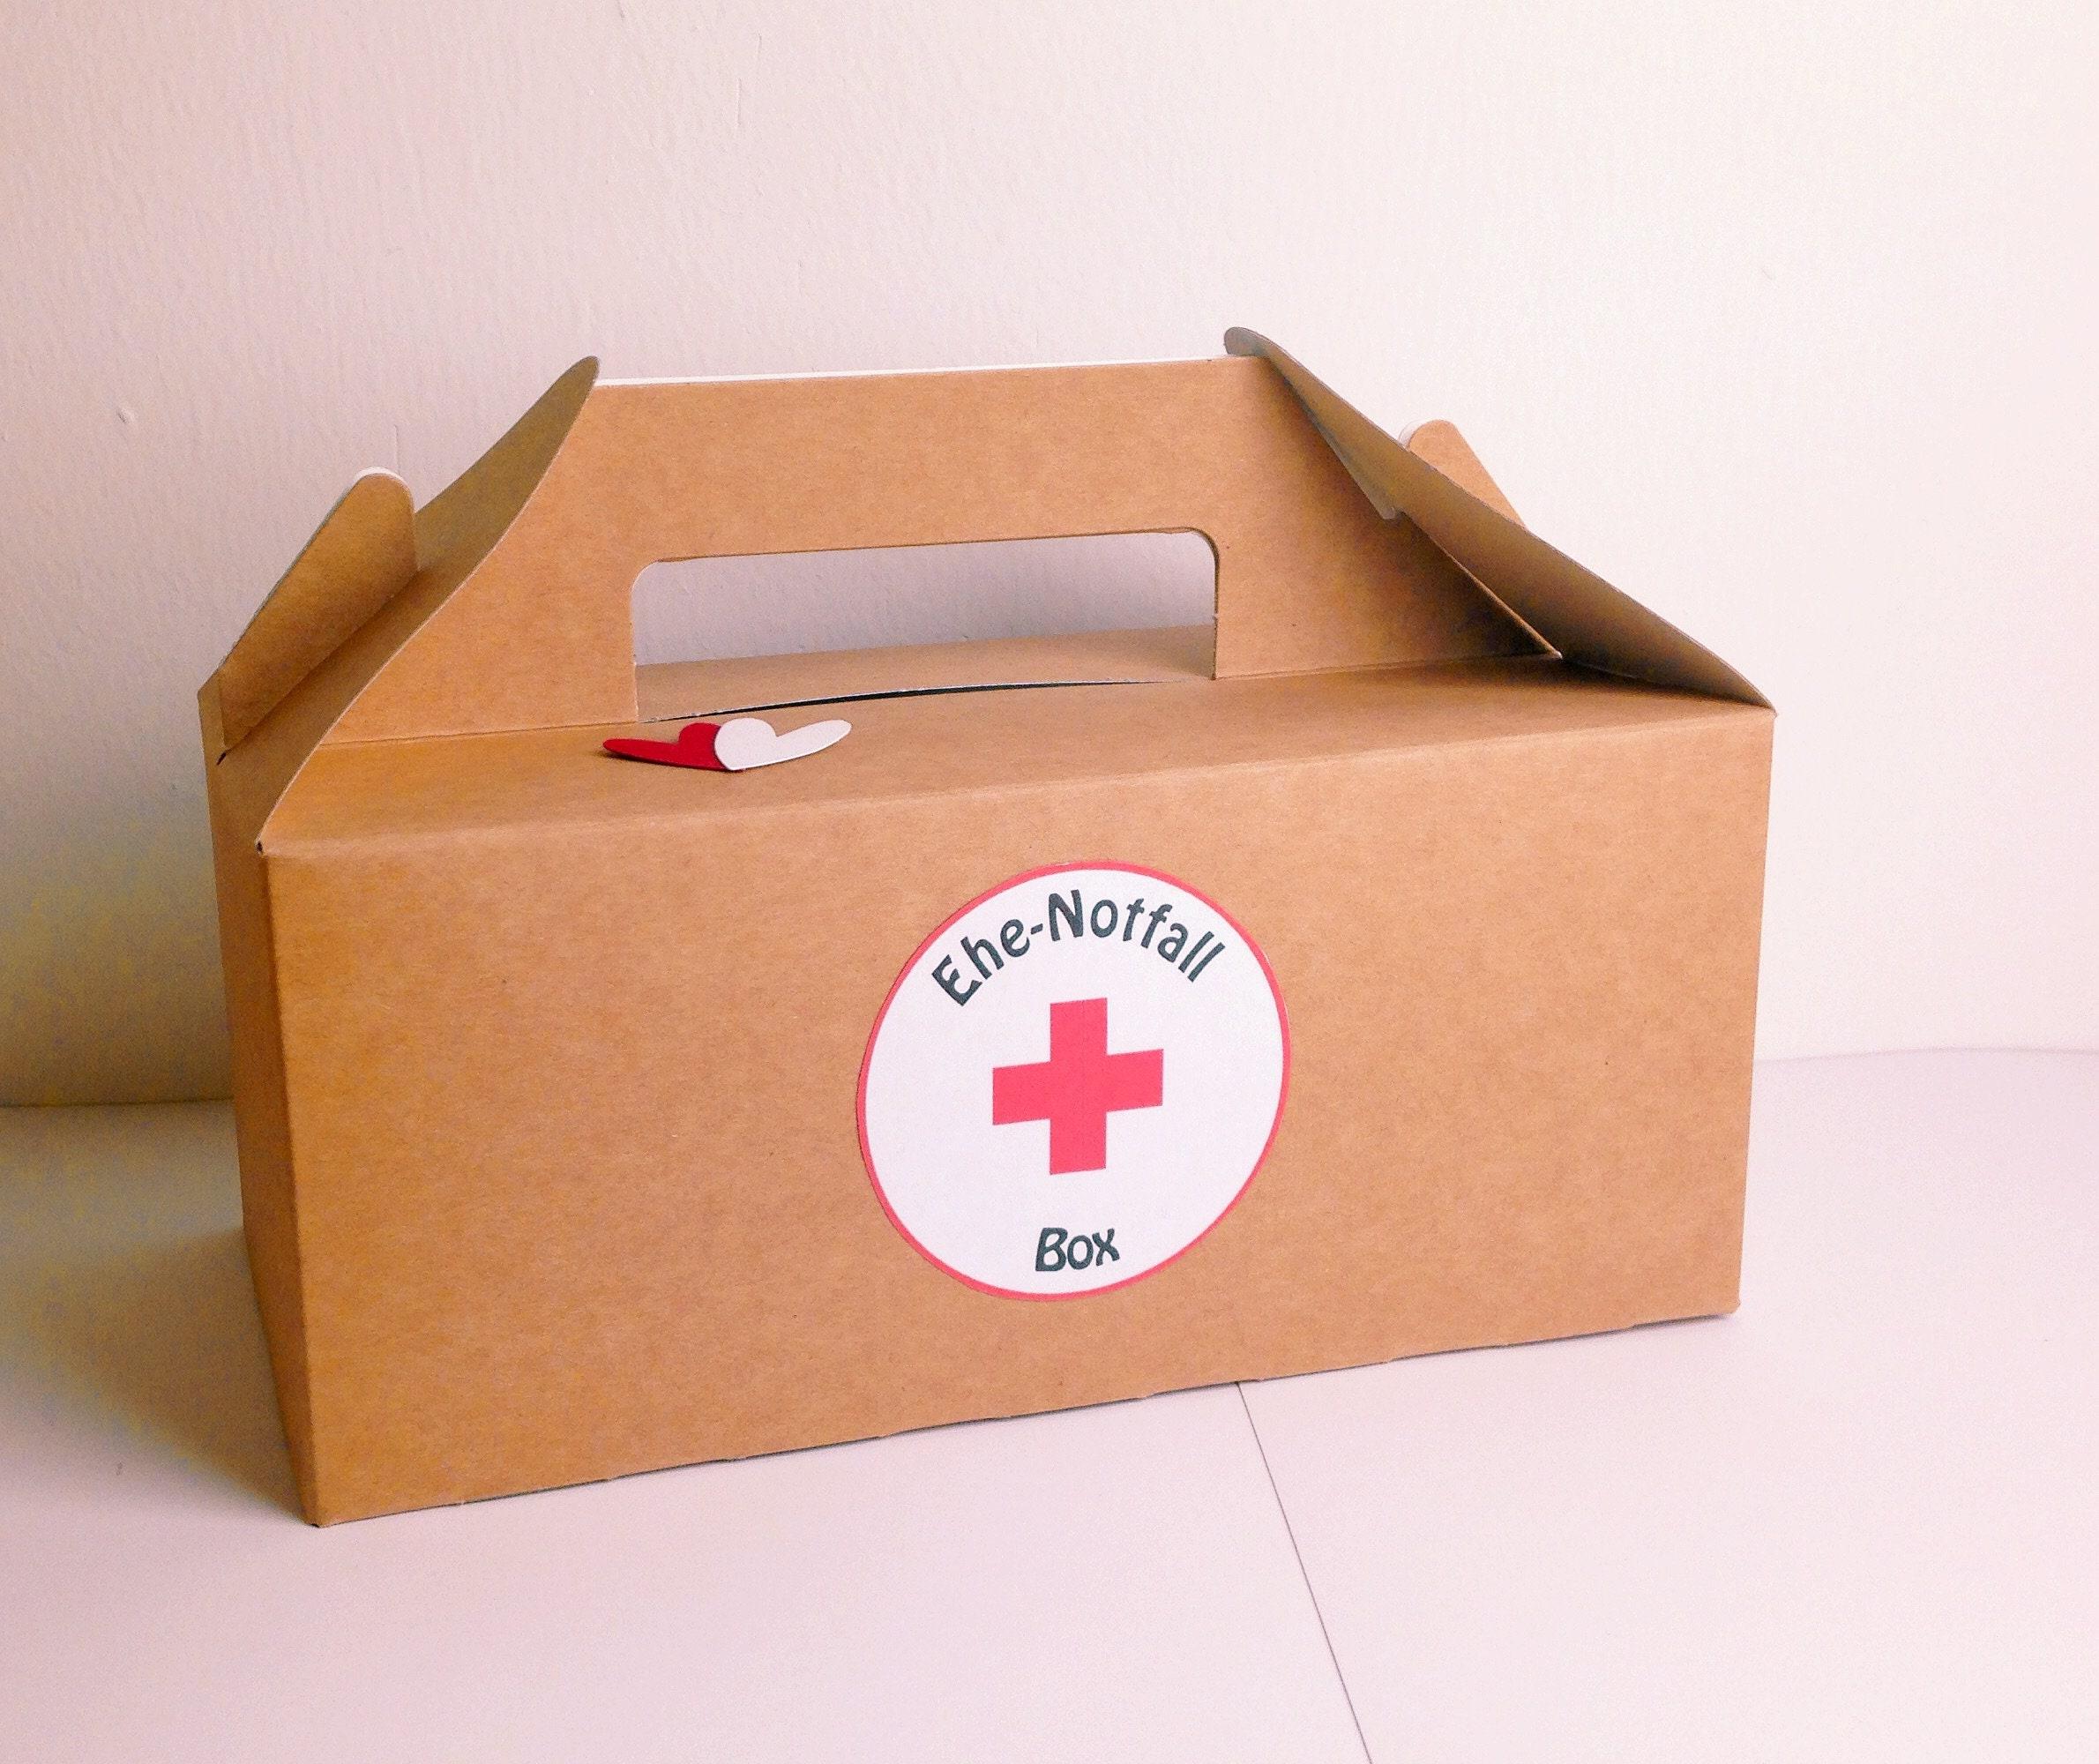 Ehe-Notfall-Box | Etsy